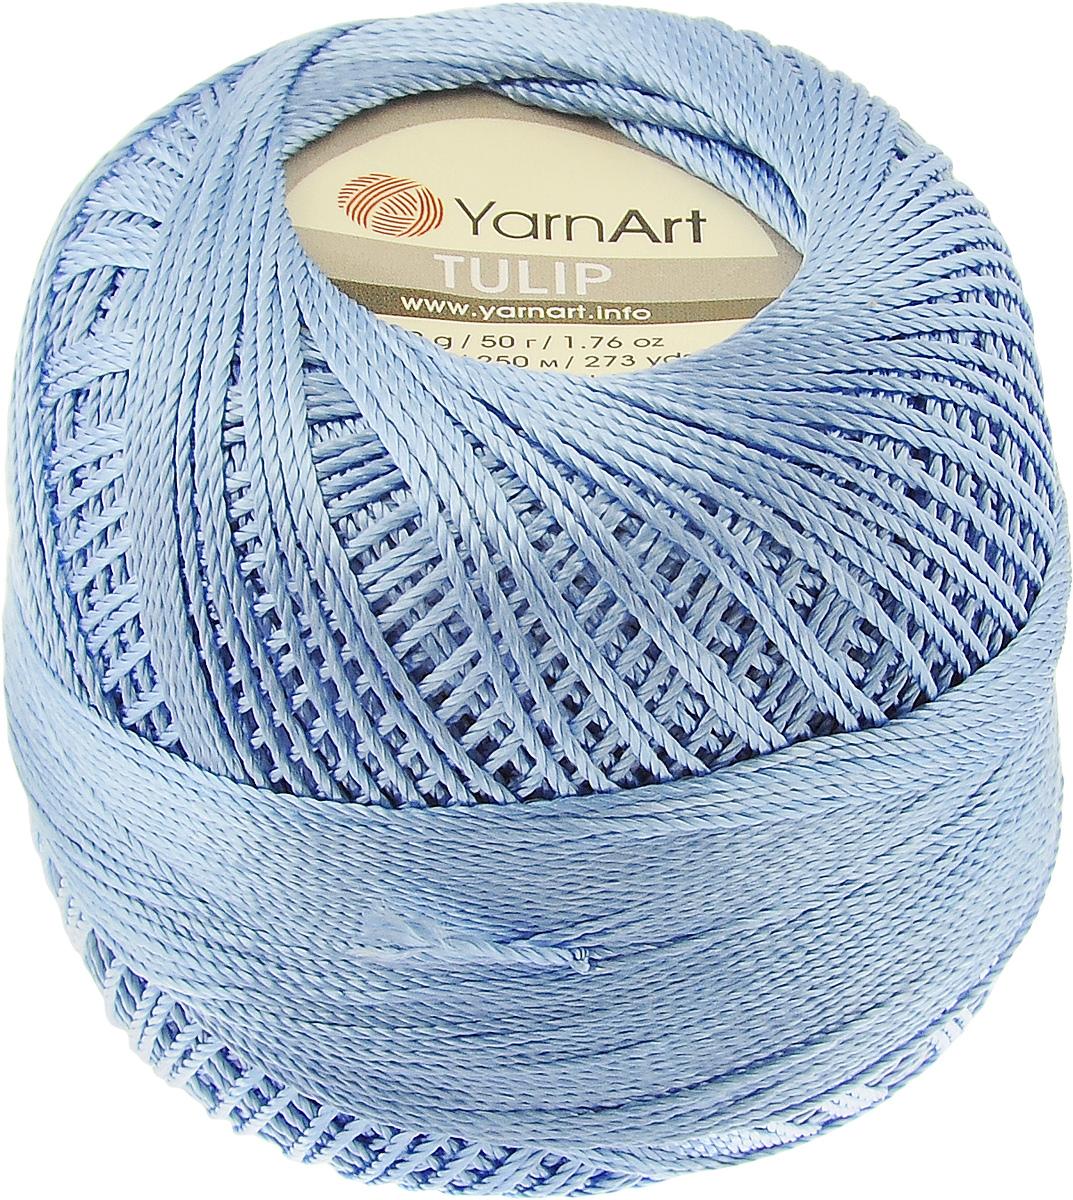 Пряжа для вязания YarnArt Tulip, цвет: синий (464), 250 м, 50 г, 6 шт372017_464Пряжа для вязания YarnArt Tulip (Ирис) изготовлена из 100% микрофибры. Пряжа приятная на ощупь, легкая, тонкая и упругая. Хорошо смотрится практически в любых узорах, не косит, послушно ложится в узоры и спицами, и крючком. Ниточка блестящая и такими же блестящими получаются изделия из нее. Нить удобна и практична тем, что хорошо смотрится как в объемных рельефных узорах, так и в самой простой чулочной вязке. Пряжа Tulip - классический вариант демисезонной пряжи, идеальна для создания летней одежды, купальников, аксессуаров, бижутерии, салфеток, ирландского кружева, жгутов и т.д. Нежная текстура ниток подходит для создания одежды детям. Изделия получаются легкими, не деформируются и не вытягиваются ни при вязании, ни при последующей носке. Микрофибра гипоаллергенна, поэтому вязаные вещи подходят даже для чувствительной кожи. Богатая цветовая гамма однотонных и меланжевых расцветок порадует рукодельниц и удовлетворит даже самых взыскательных модниц. Нить очень...